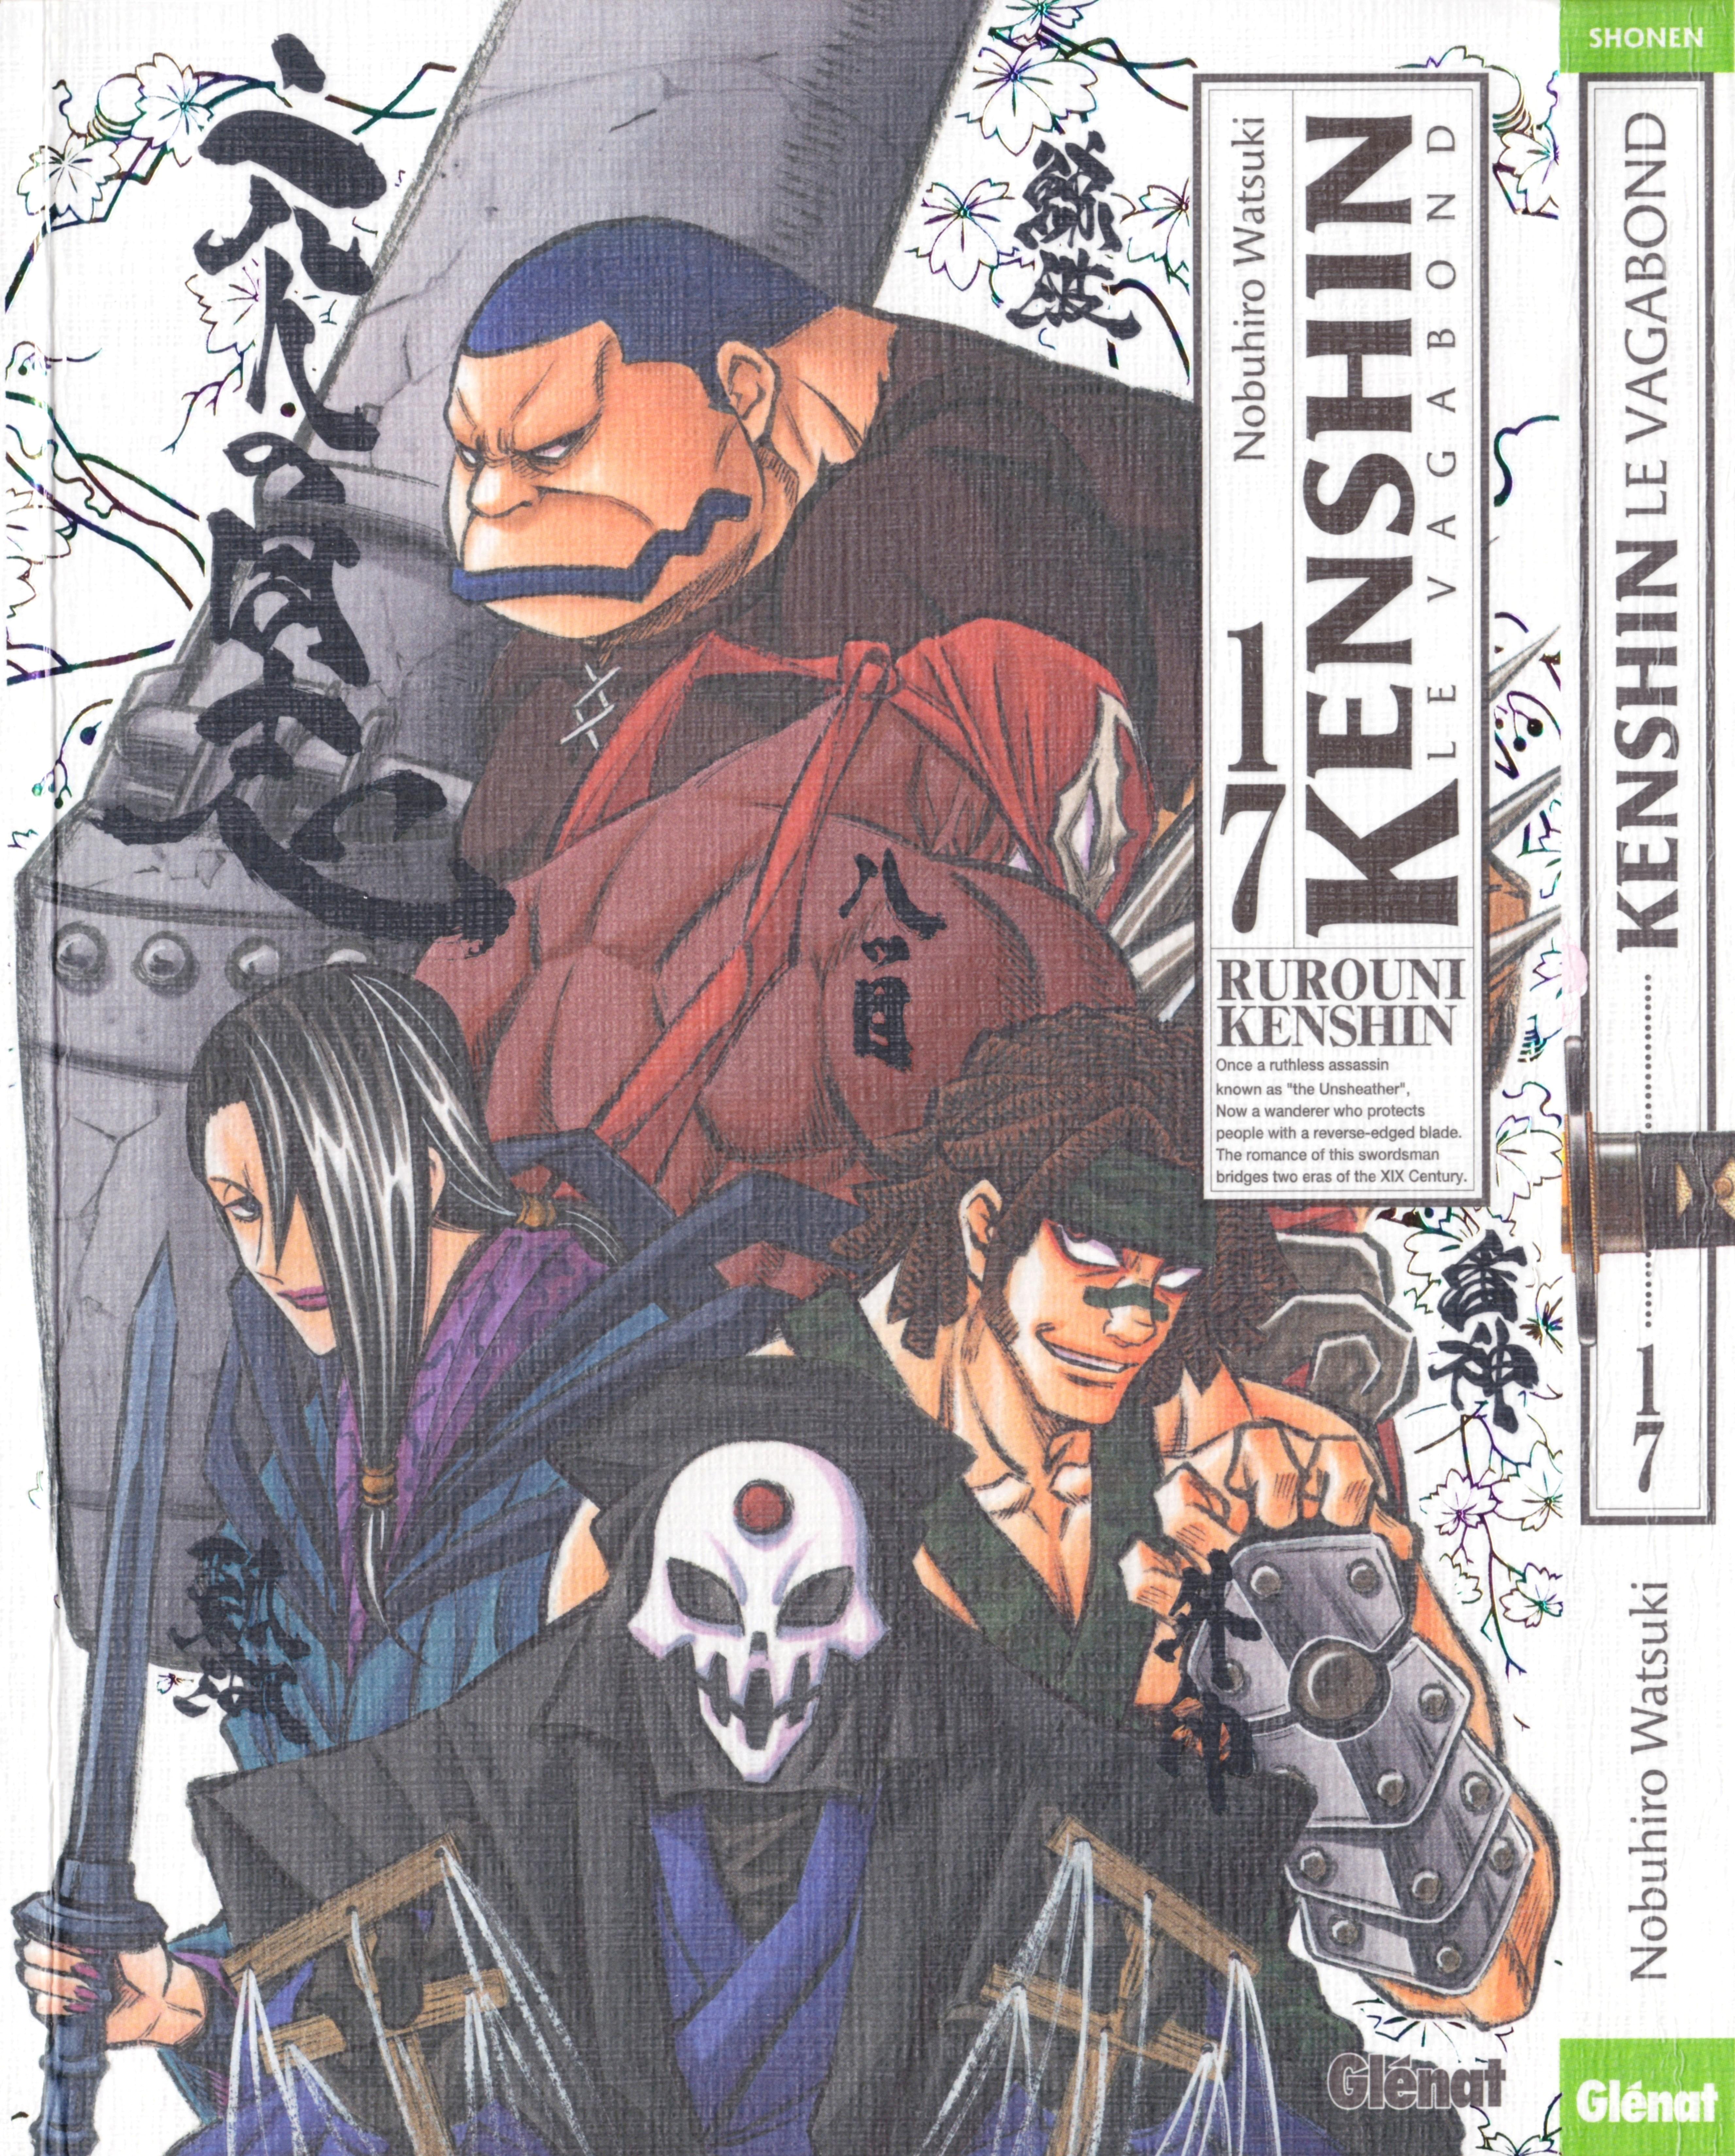 Rurouni Kenshin: Kenshin Perfect Edition Vol.17